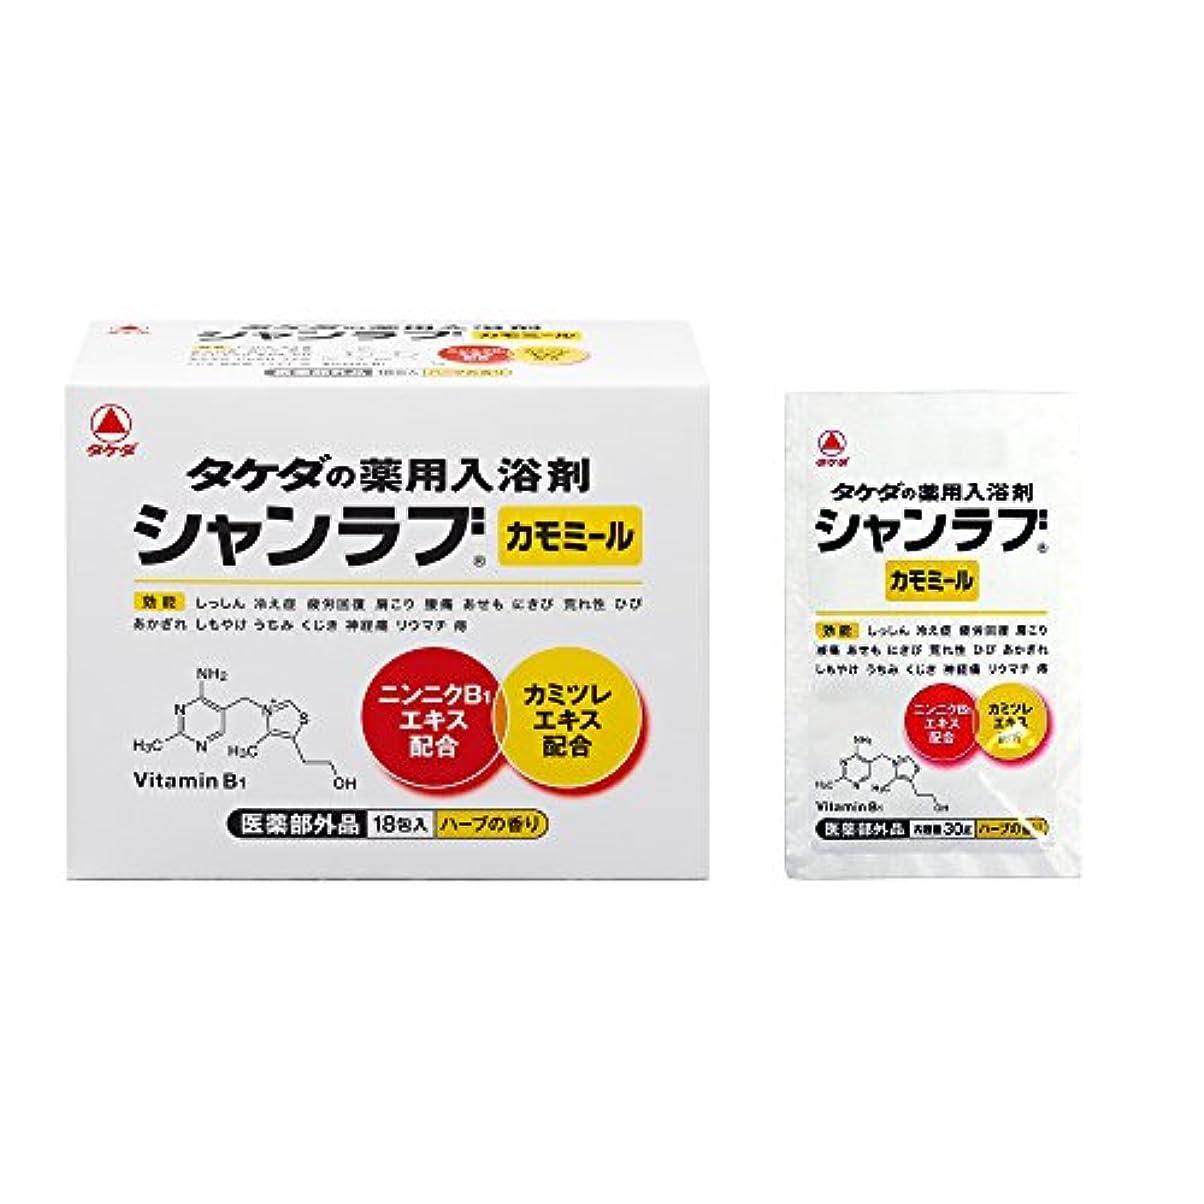 侵略巻き戻す受け入れた薬用入浴剤 シャンラブ カモミール 18包入 【医薬部外品】